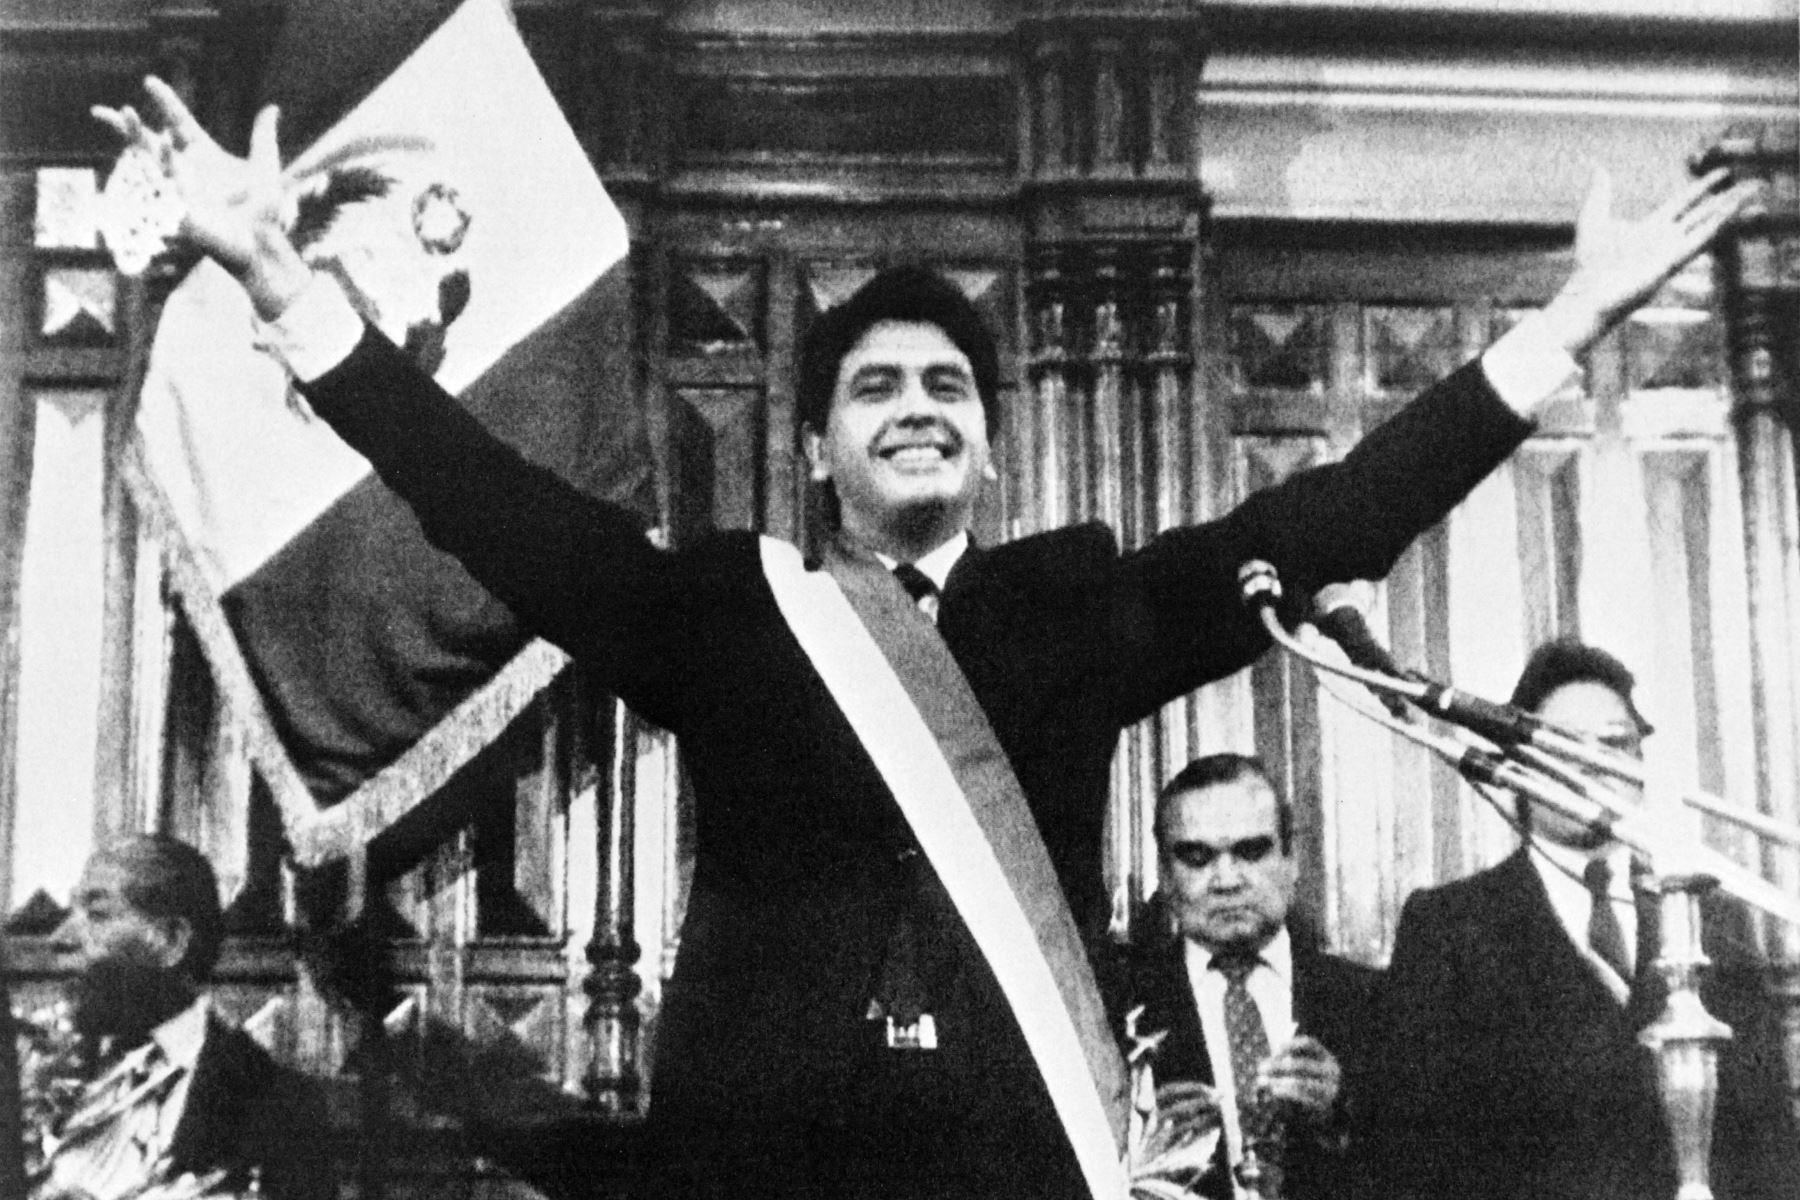 Foto tomada el 26 de julio de 1985 en Lima, mostrando al presidente peruano Alan García durante su inauguración en el gobierno. El socialdemócrata Alan García pidió una integración latinoamericana y una lucha conjunta contra lo que llamó el imperialismo de los países ricos.Foto:AFP